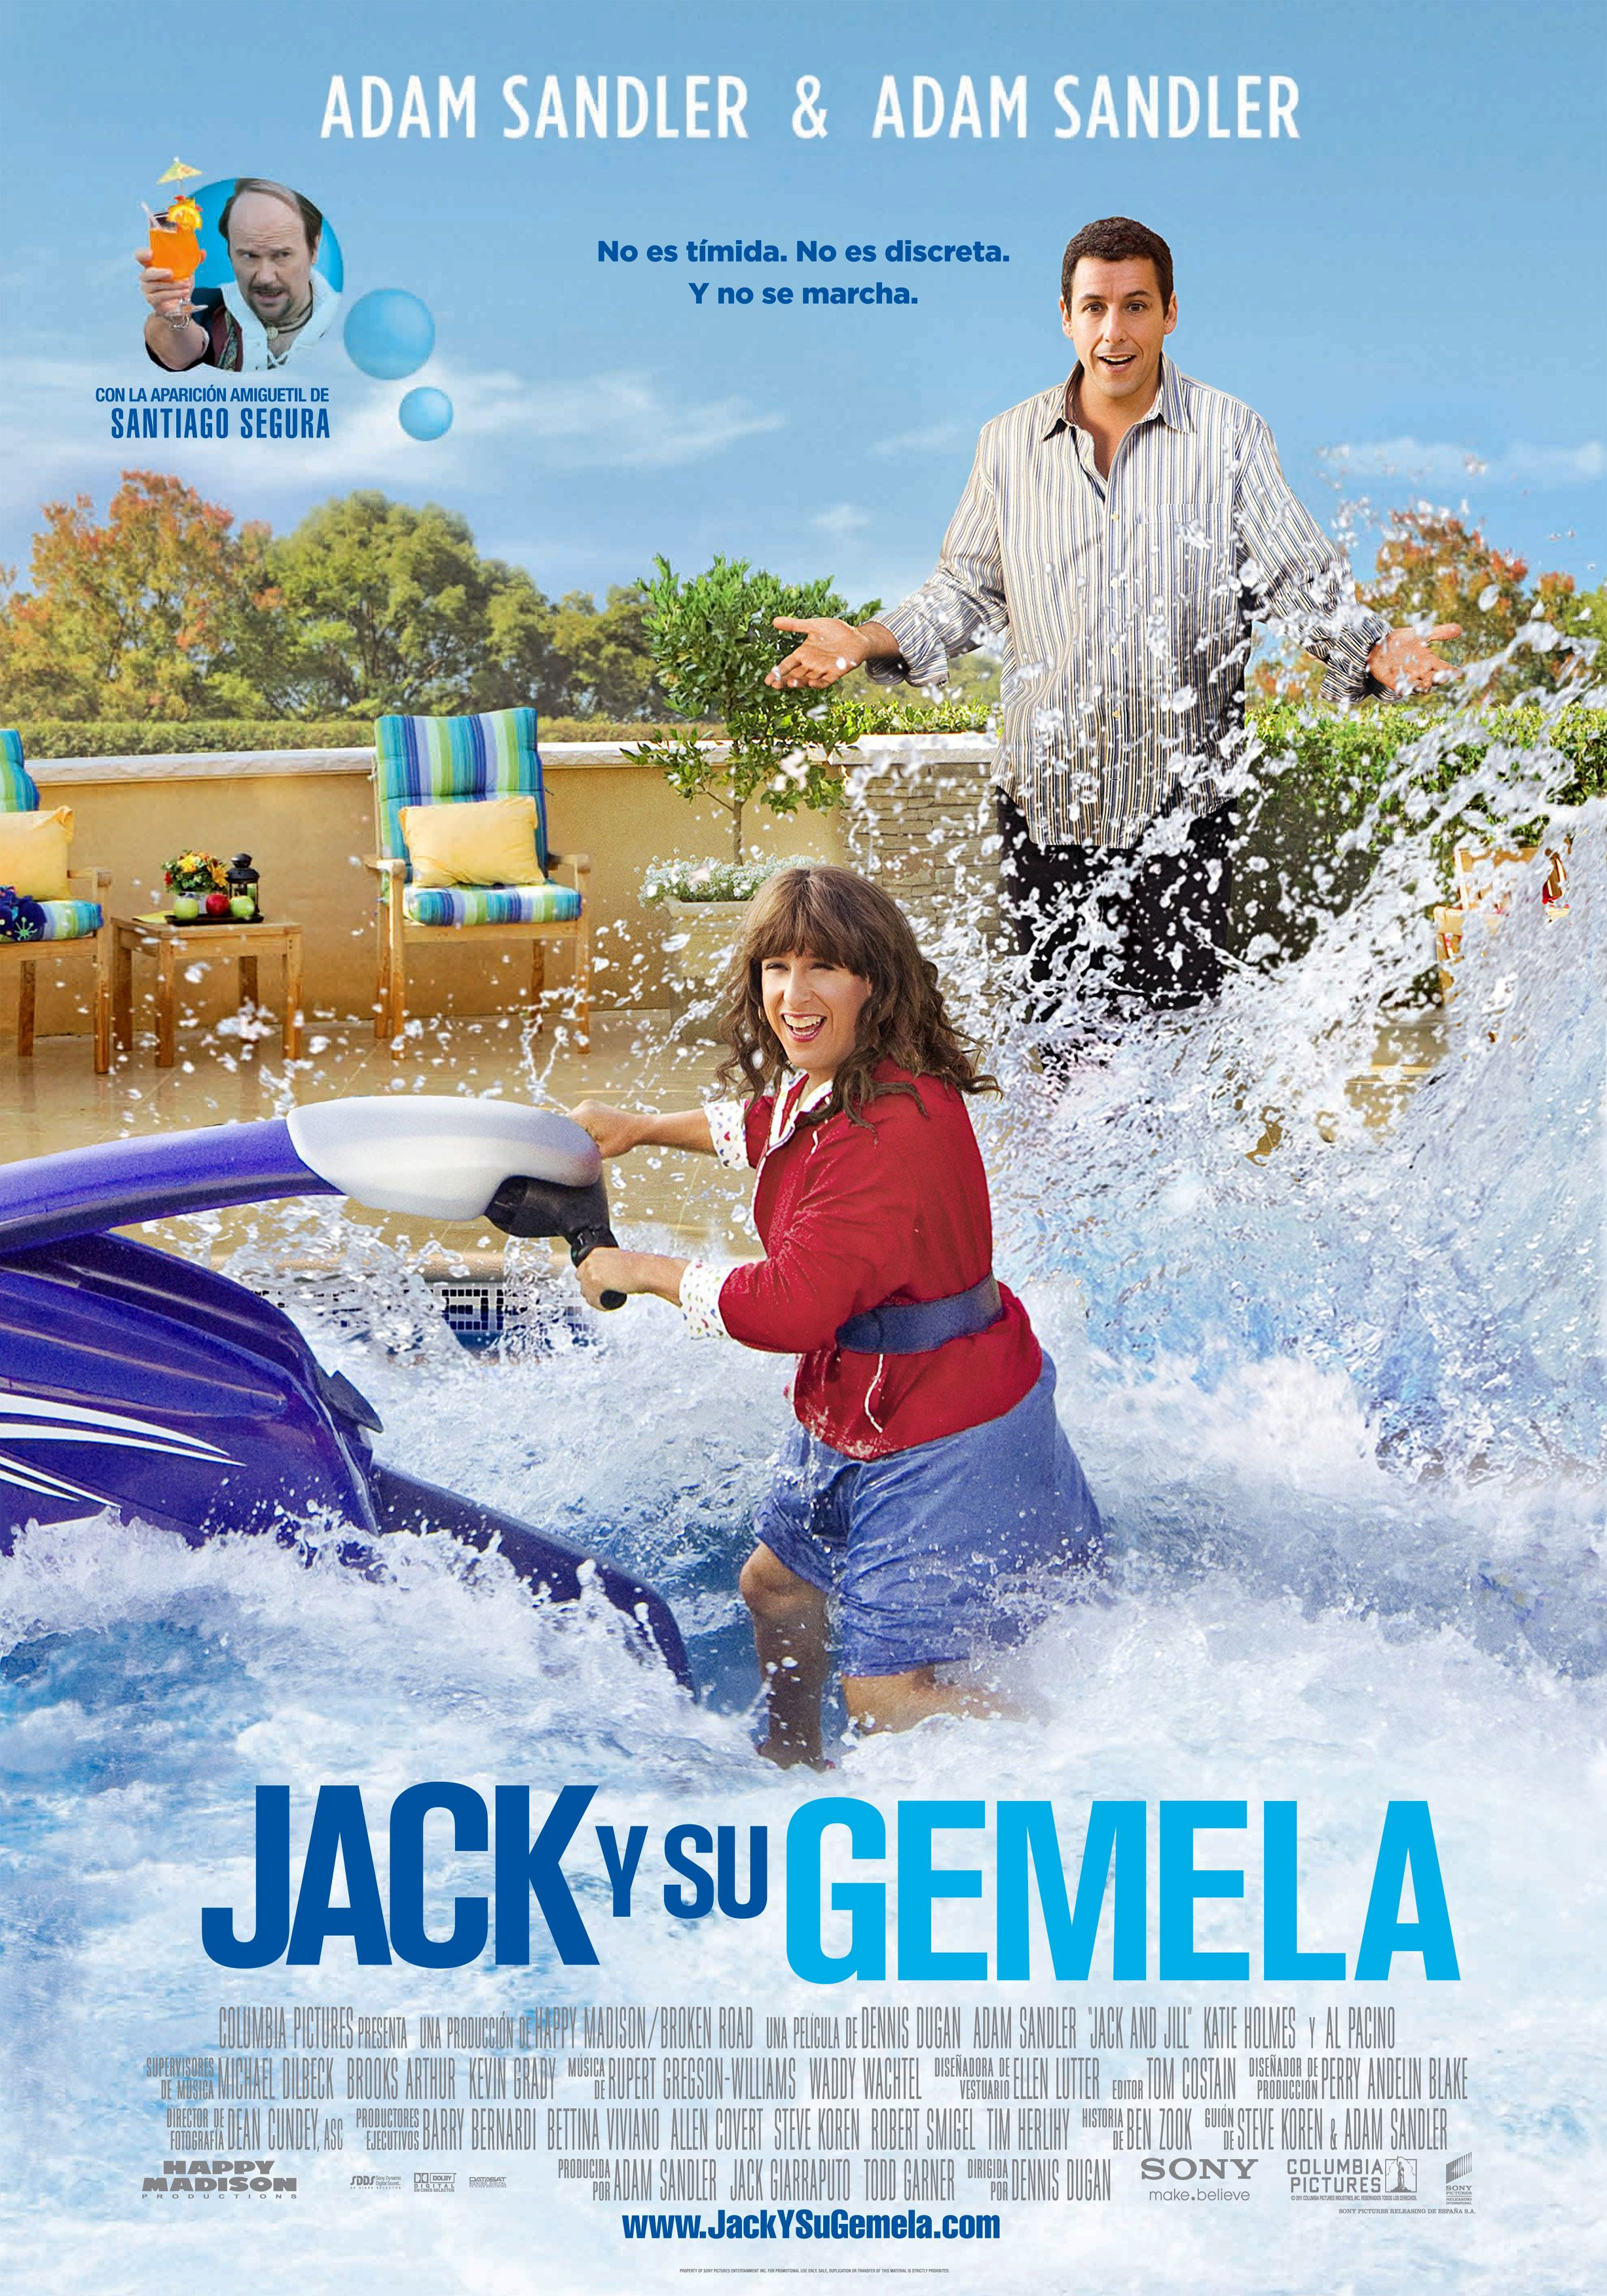 Jack y su gemela, ya la habia visto pero ya que la ponen...hay que verla!Al Pacino!